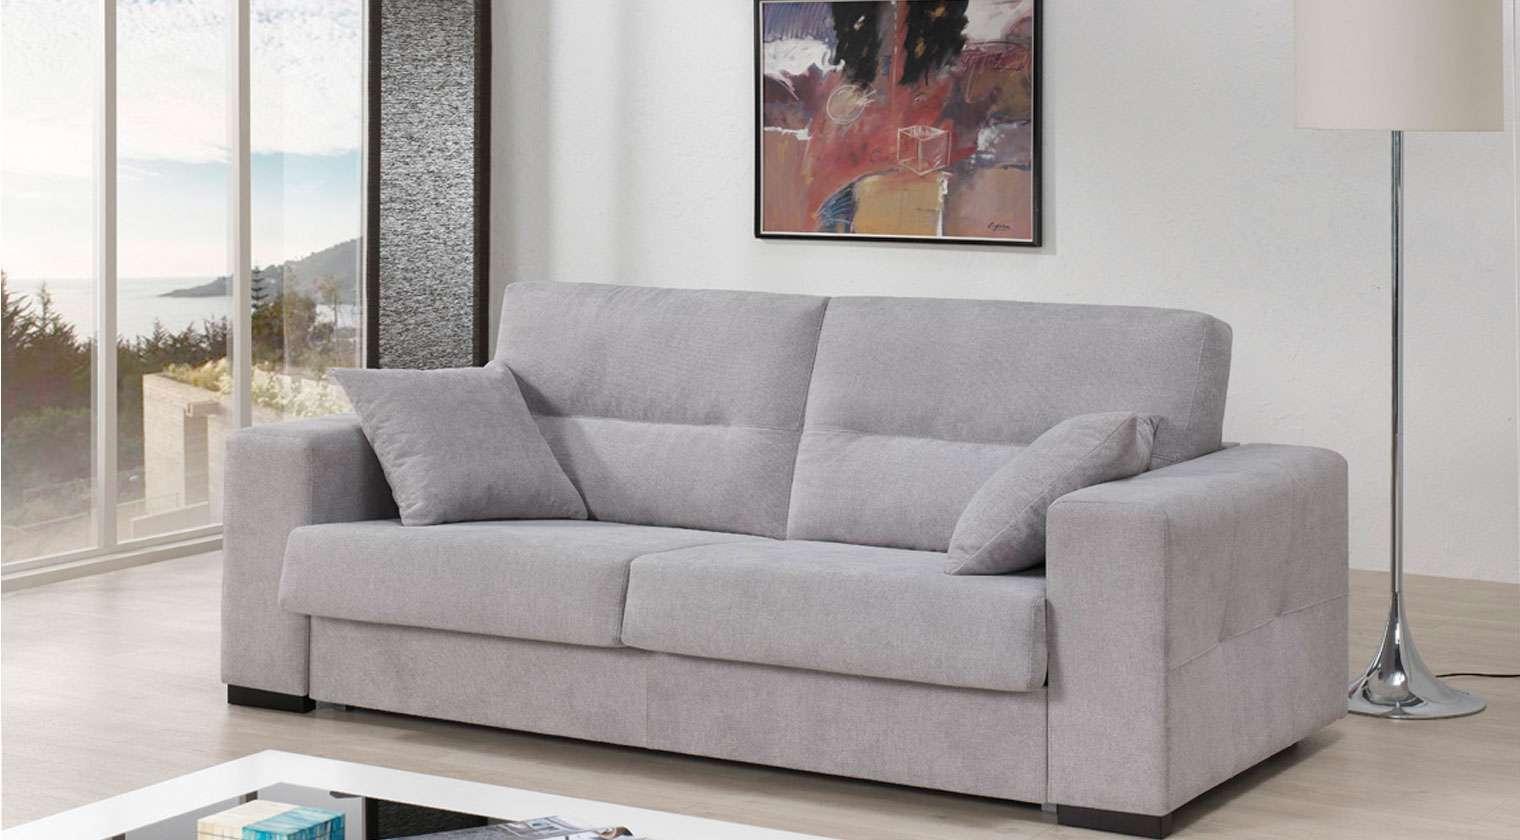 Comprar sof cama apolo sill n cama 80x190 rolex alba - Comprar sofa cama madrid ...